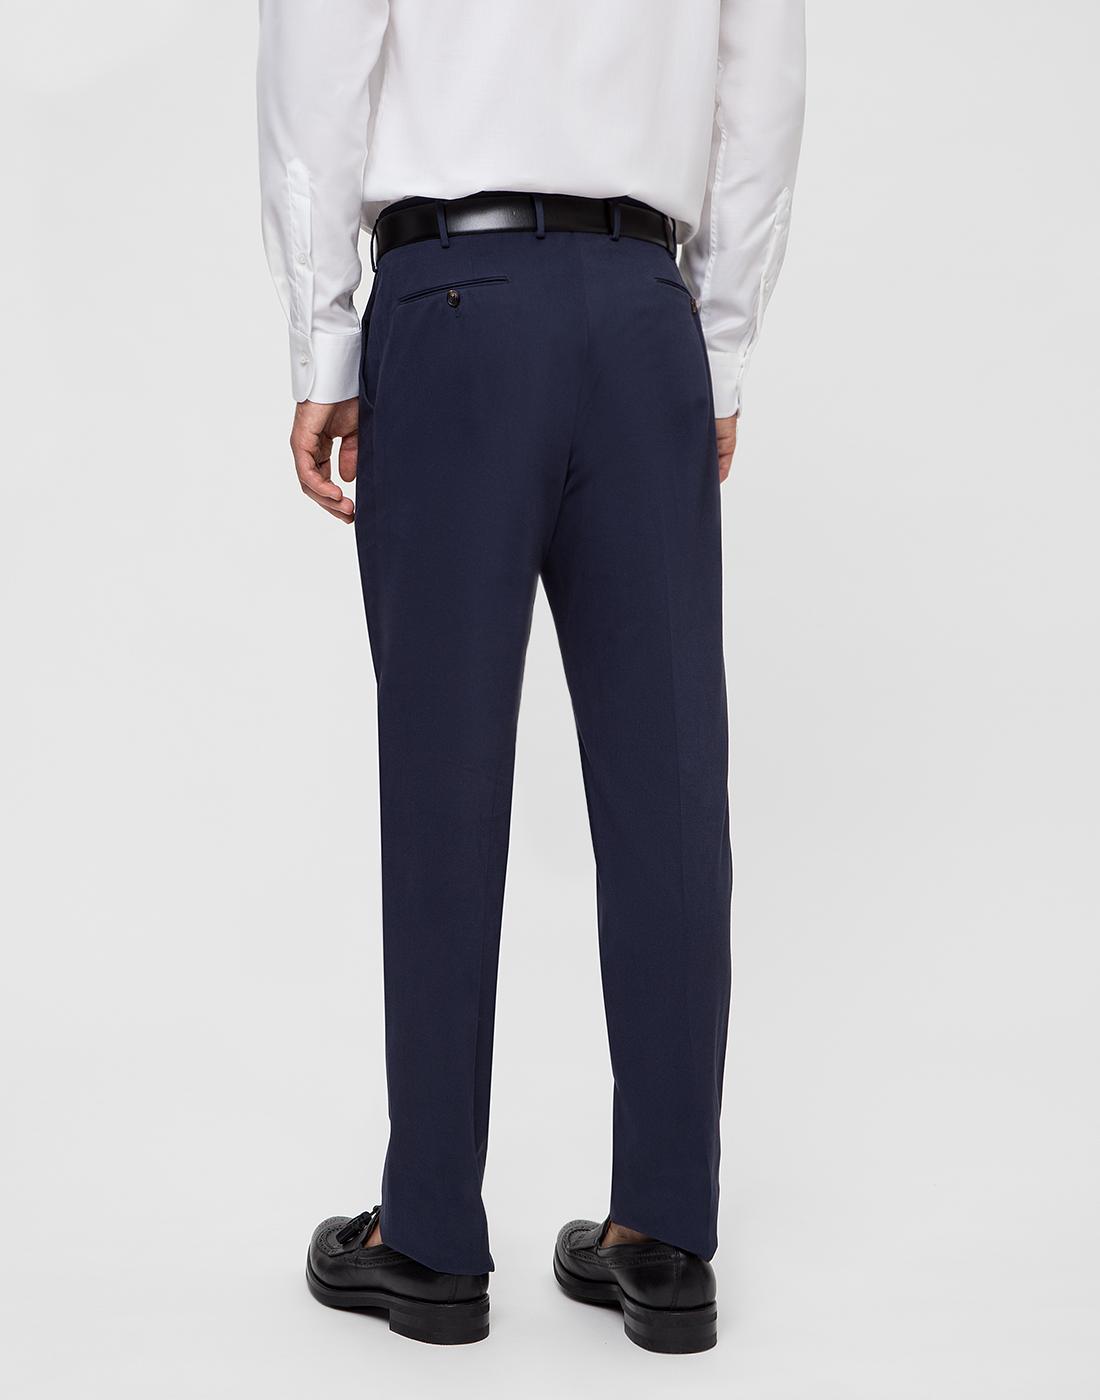 Мужские темно-синие брюки PT STU66 0360-4